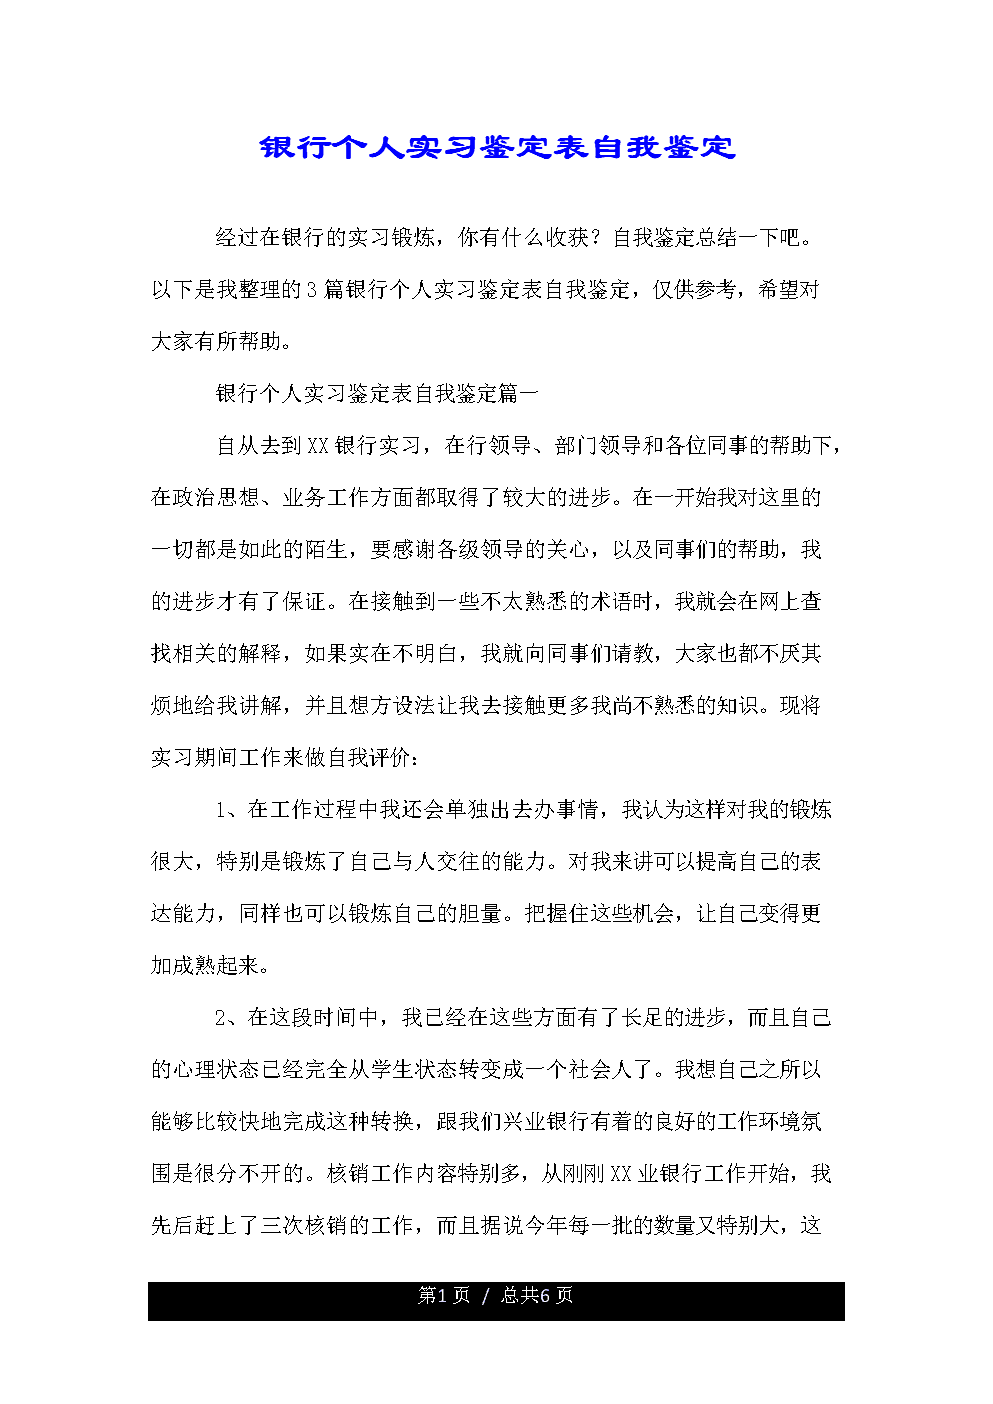 银行个人实习鉴定表自我鉴定.doc